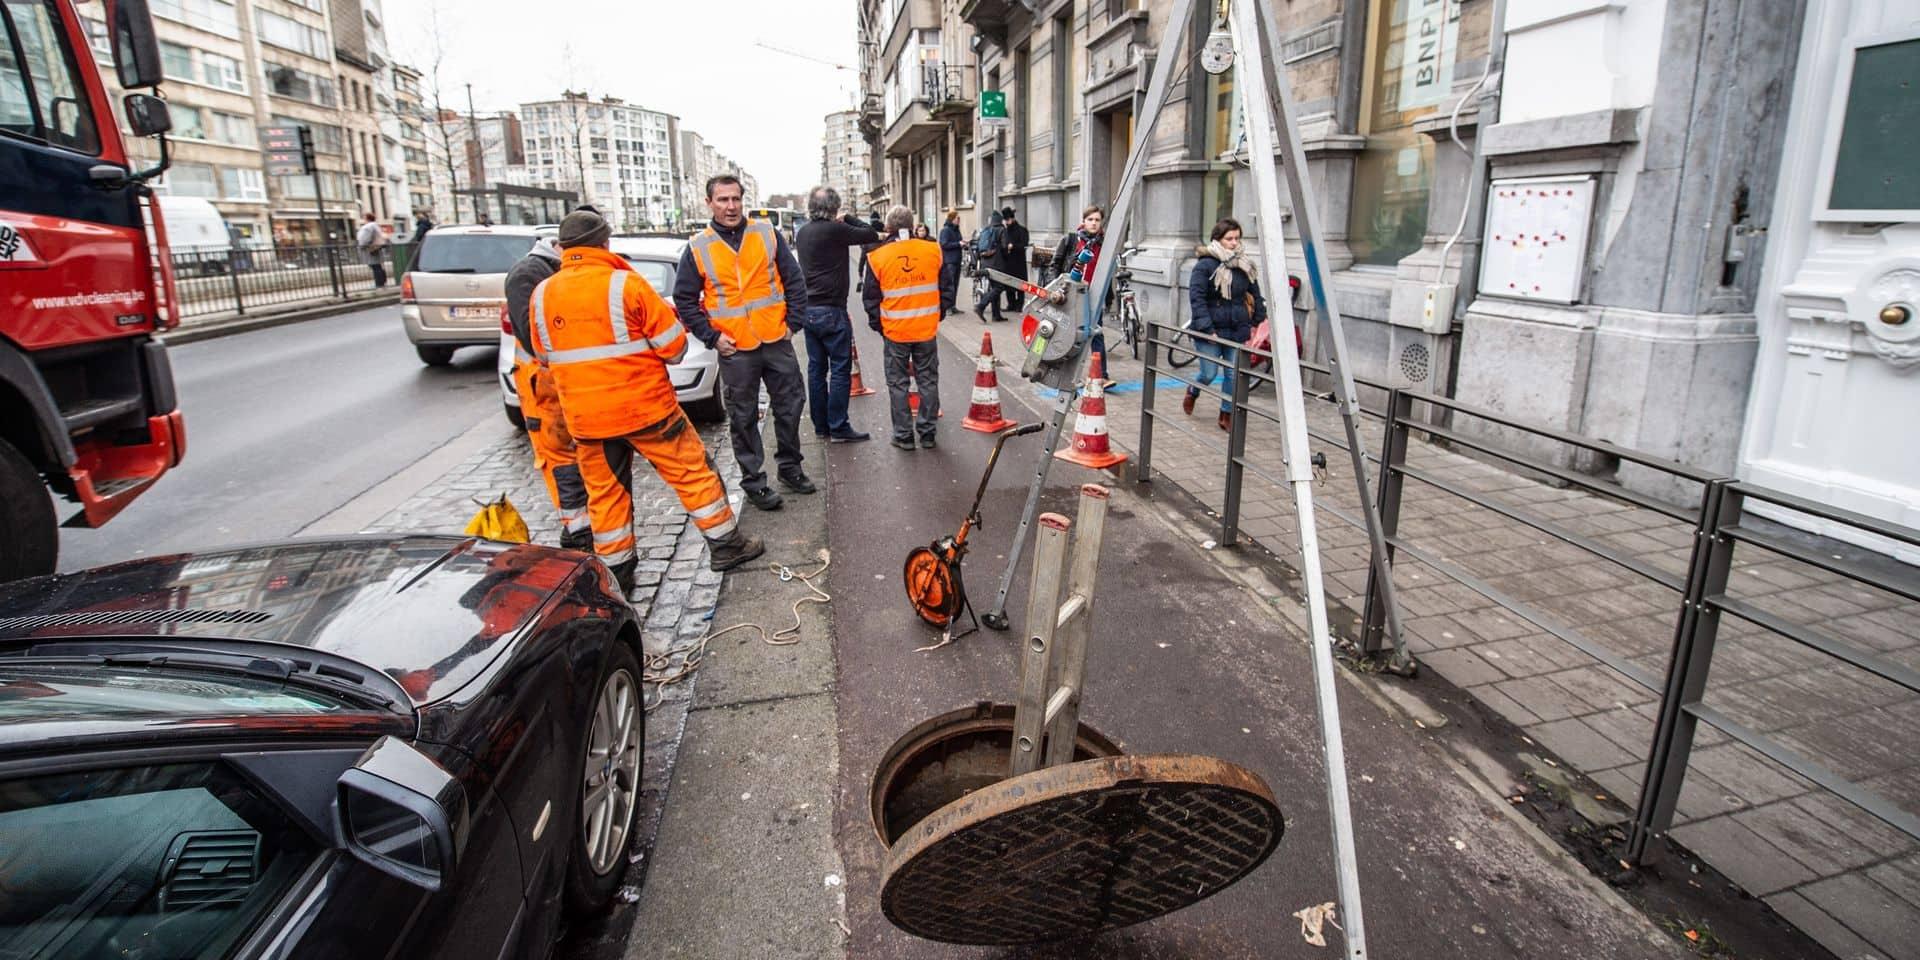 Casse de la banque BNP Paribas Fortis à Anvers: un Géorgien de 27 ans arrêté